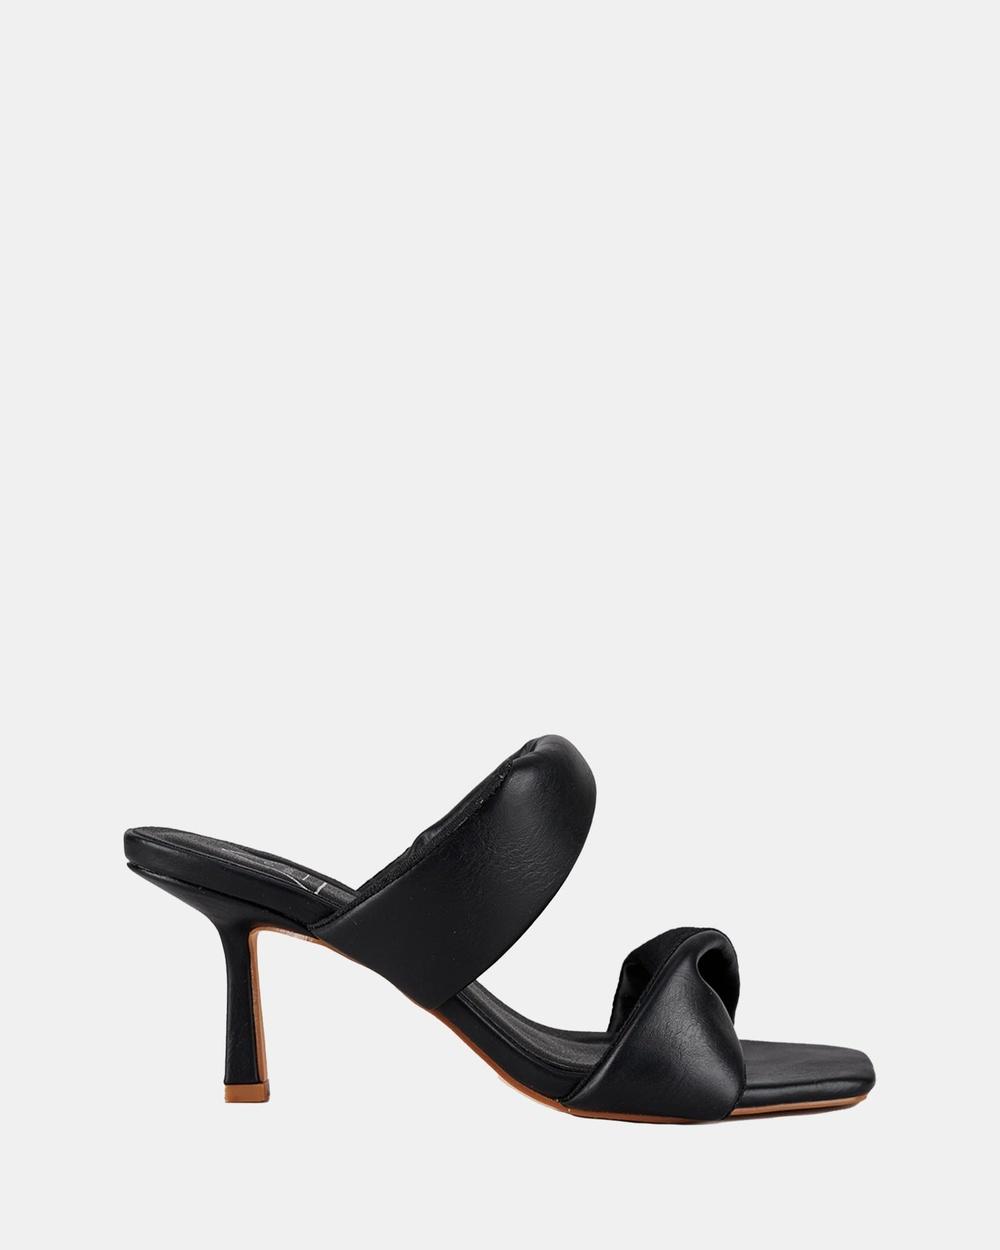 St Sana Rex Mules Sandals Black Australia